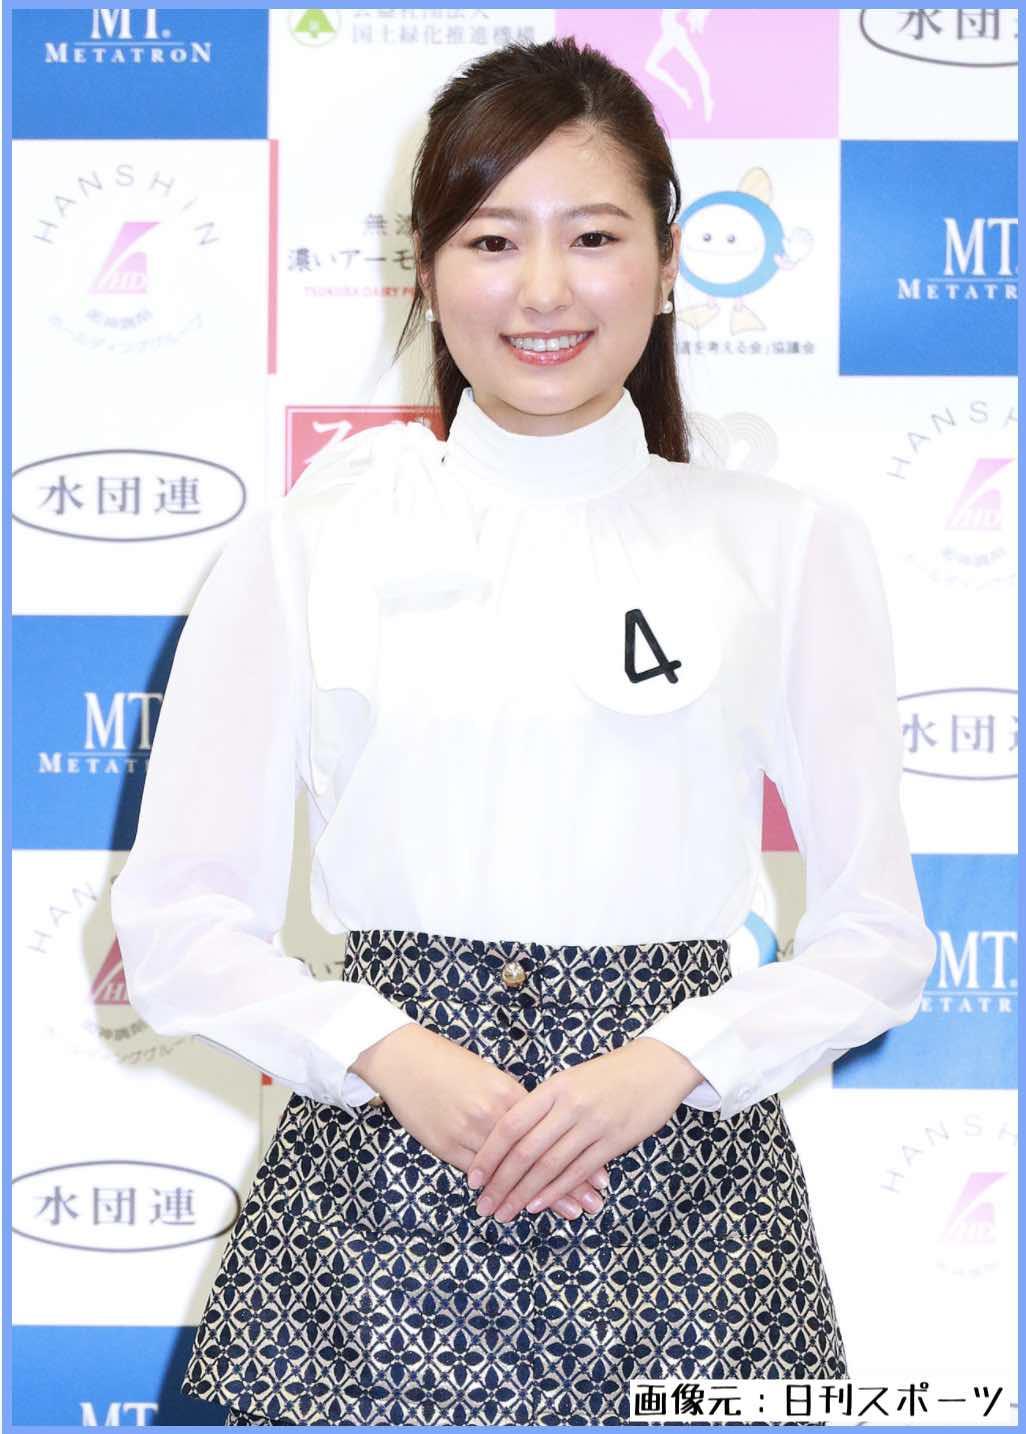 松井繁の娘・松井朝海が第53回ミス日本コンテスト2021のファイナリストに